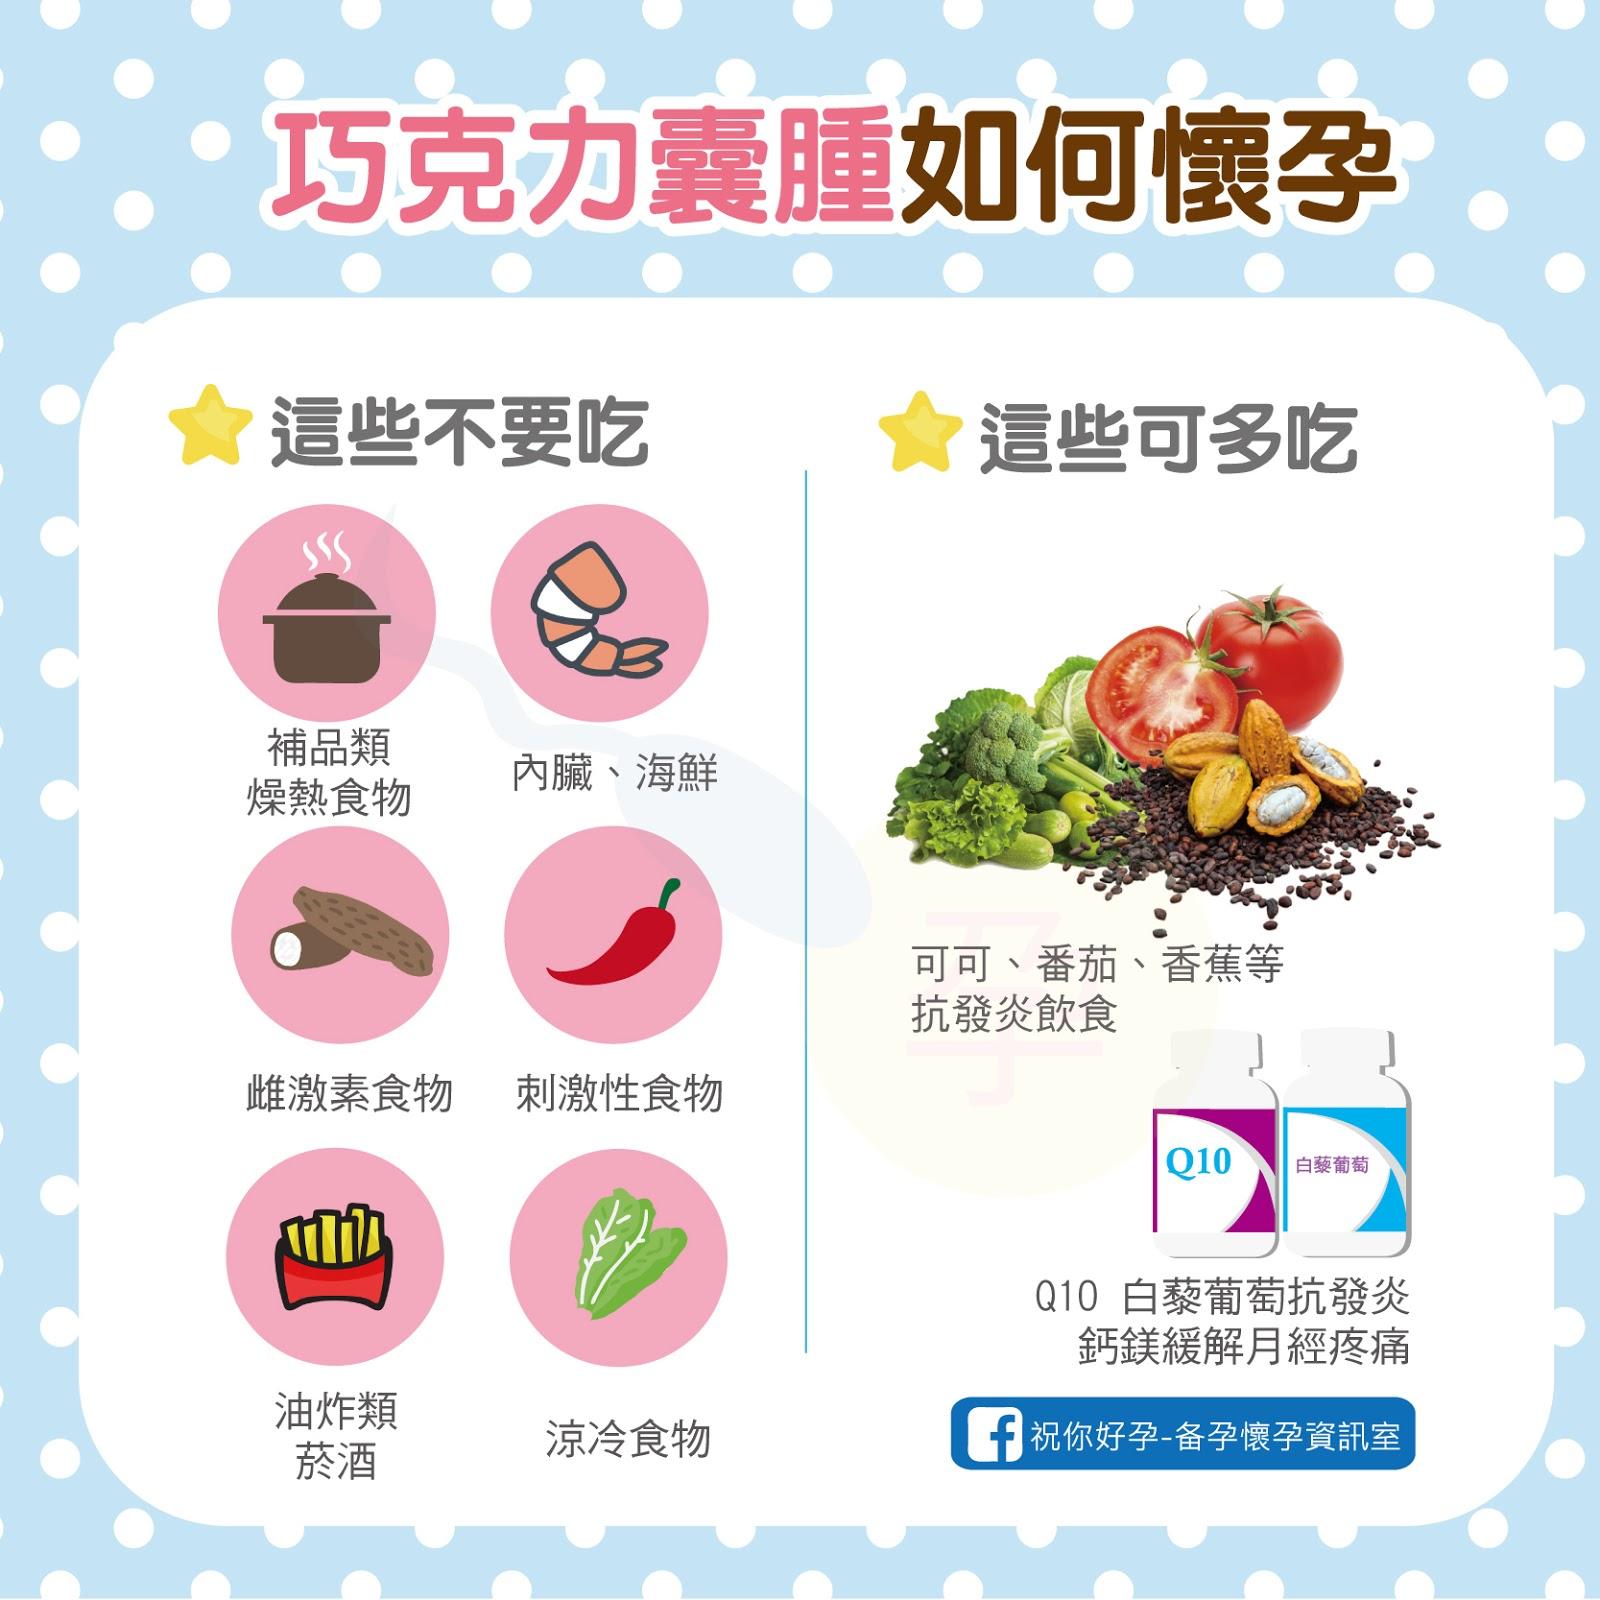 巧克力囊腫造成不孕?教你如何飲食調理改善巧囊幫助懷孕!